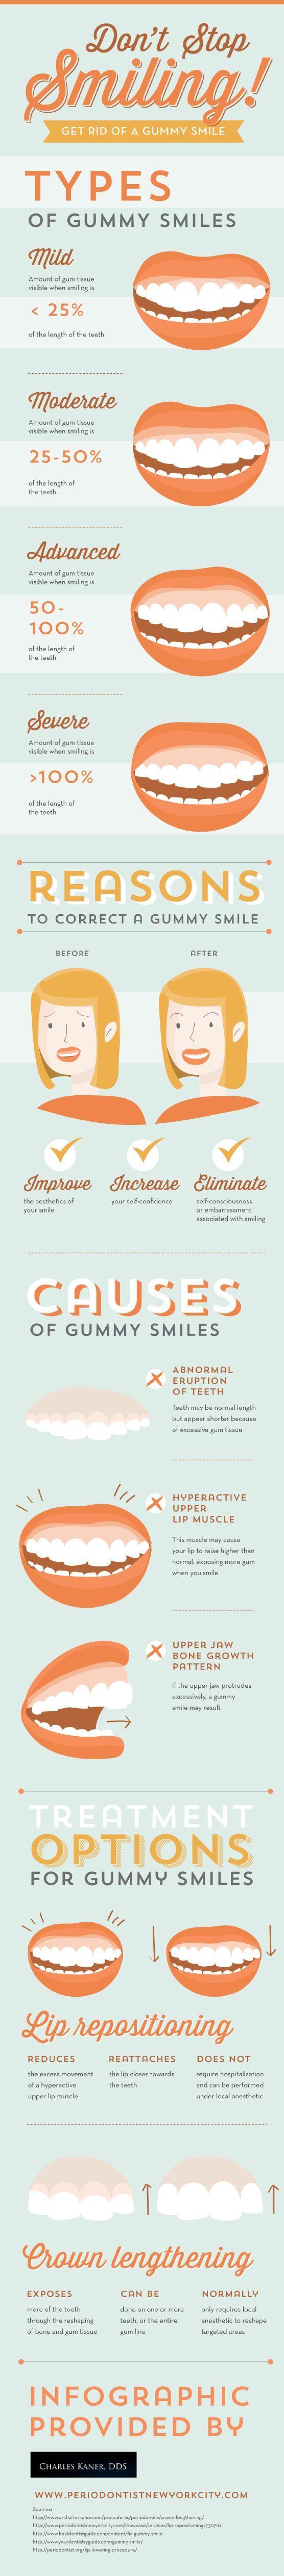 Types of Smiles...............